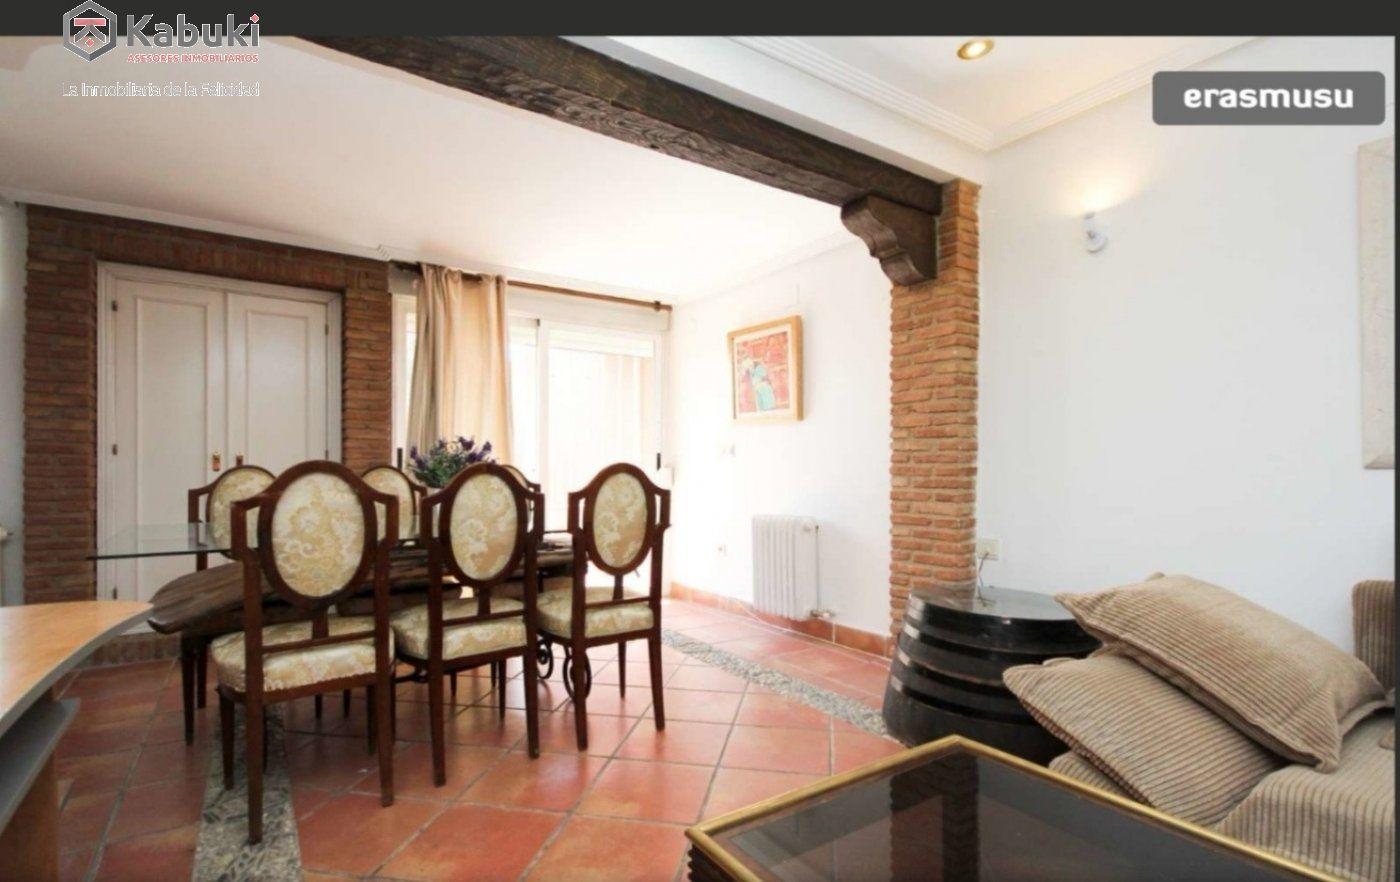 Magnífico apartamento en cármenes de rolando. con chimenea - imagenInmueble5